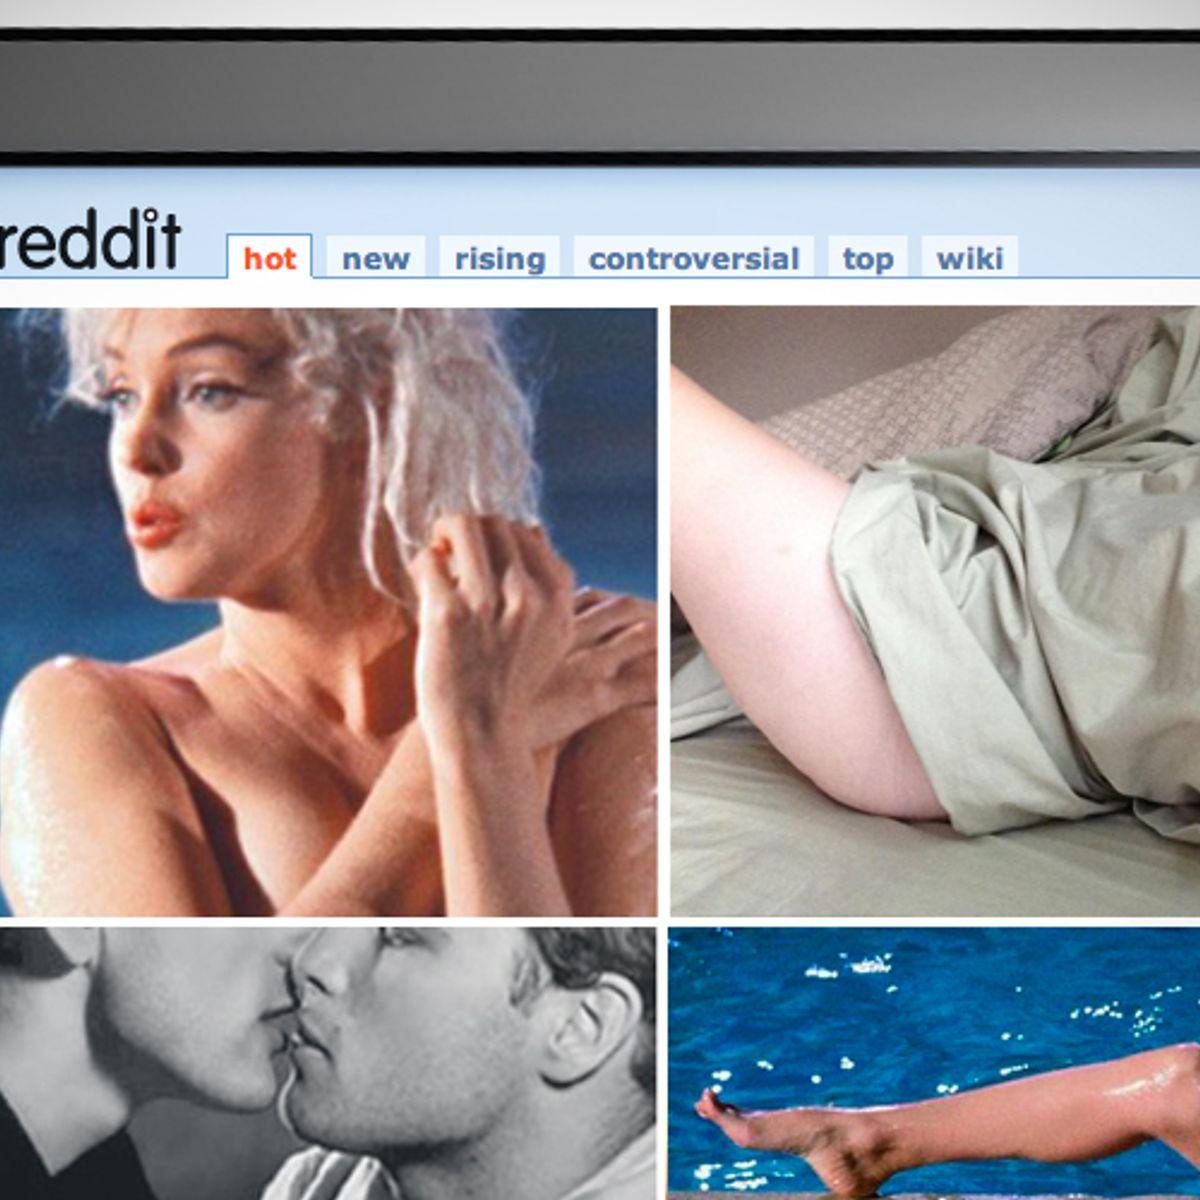 Best Anime Porn Subreddit the best of reddit porn | salon